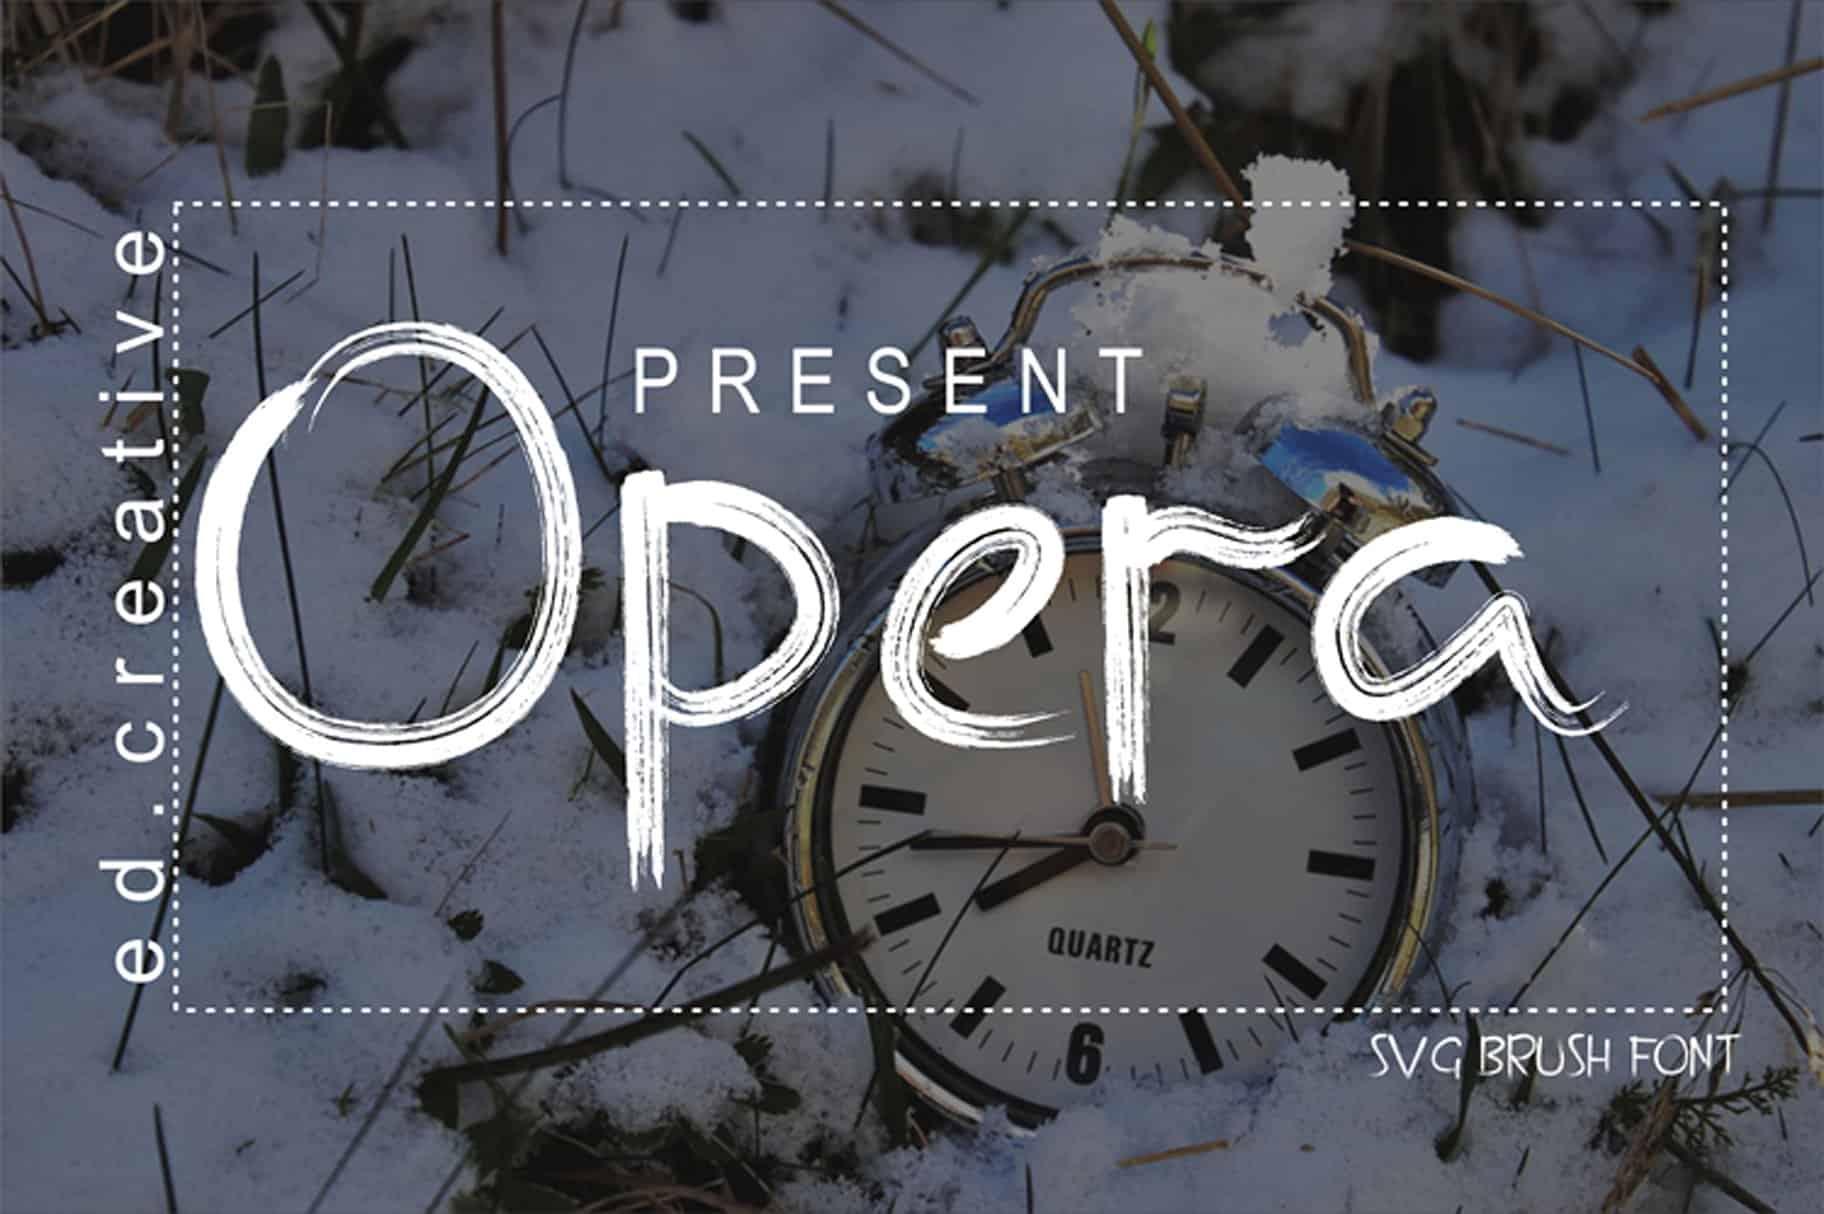 Opera Brush шрифт скачать бесплатно